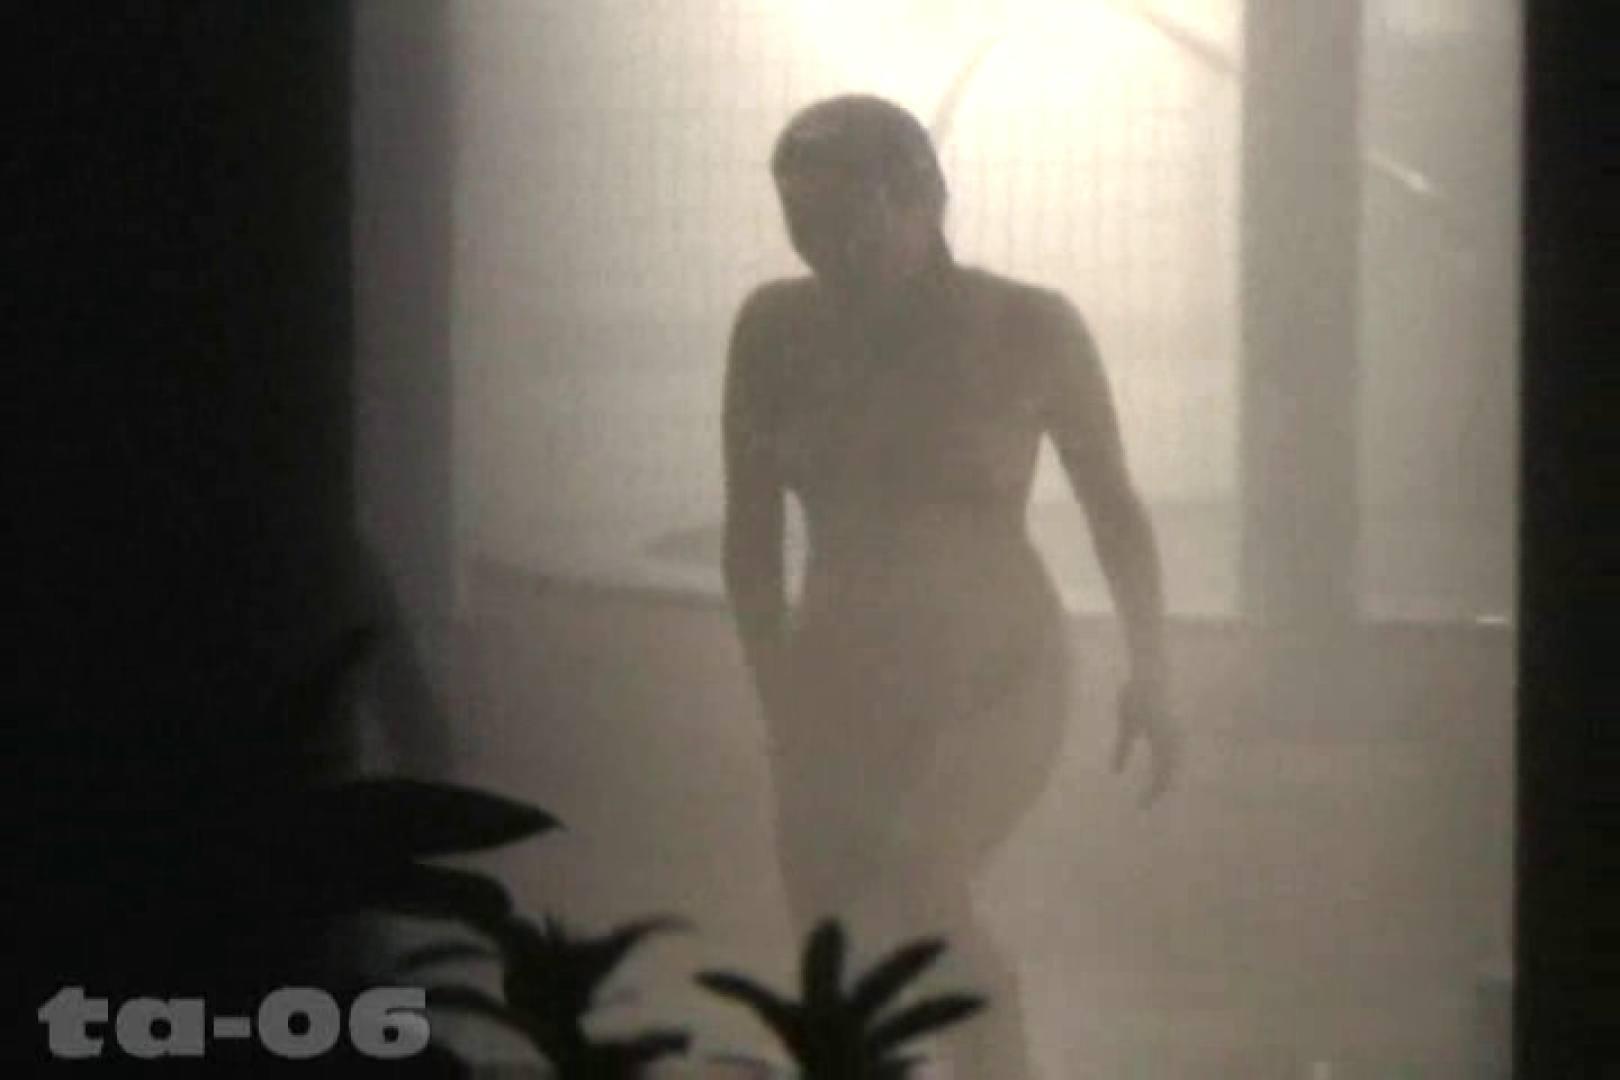 合宿ホテル女風呂盗撮高画質版 Vol.06 盗撮で悶絶 セックス画像 69画像 33